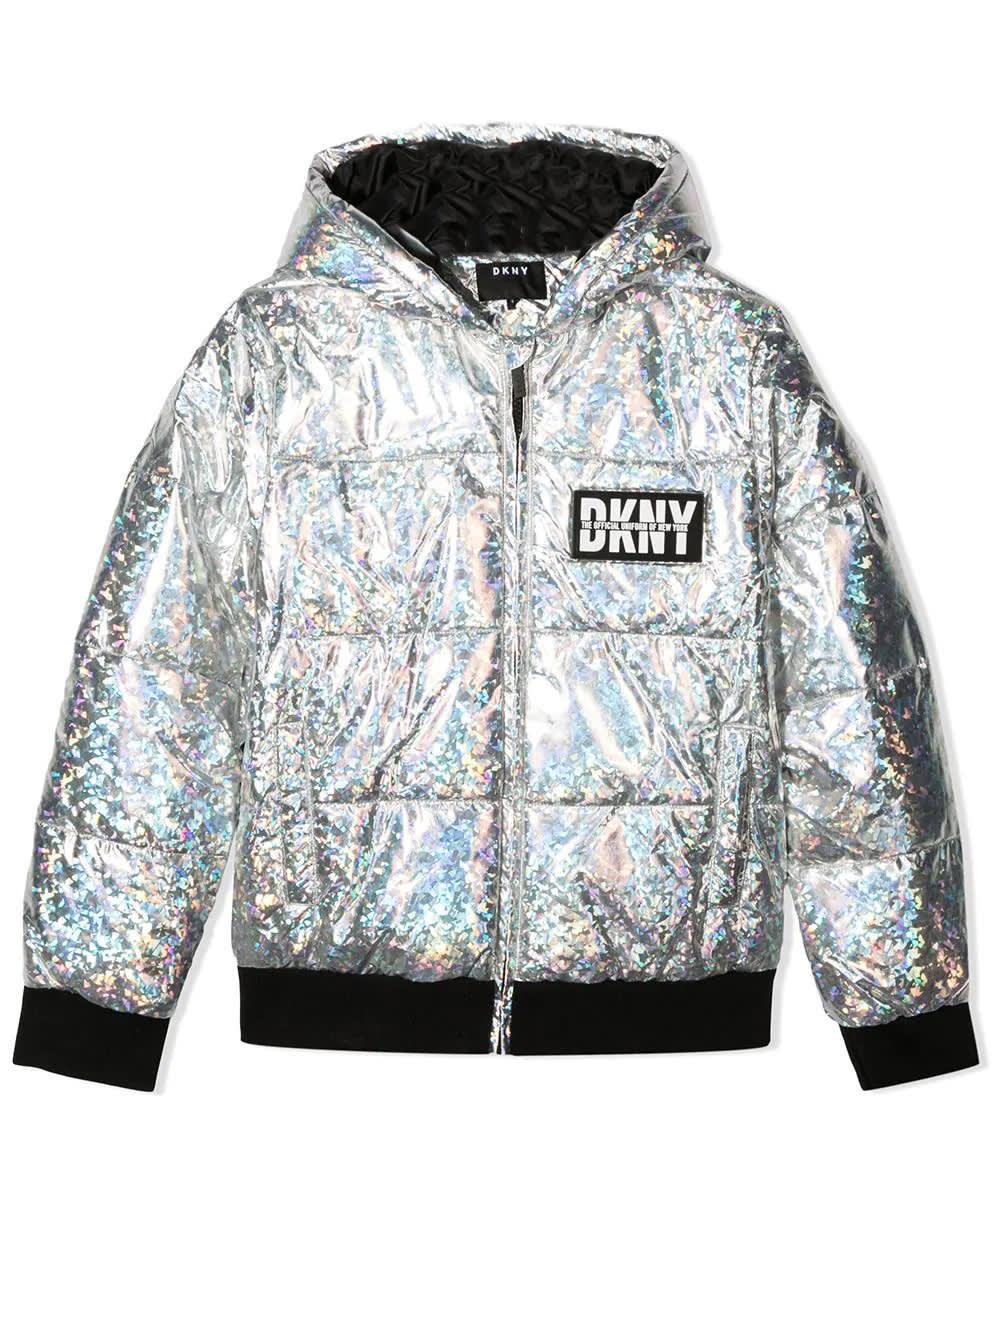 Dkny Kids In Gray